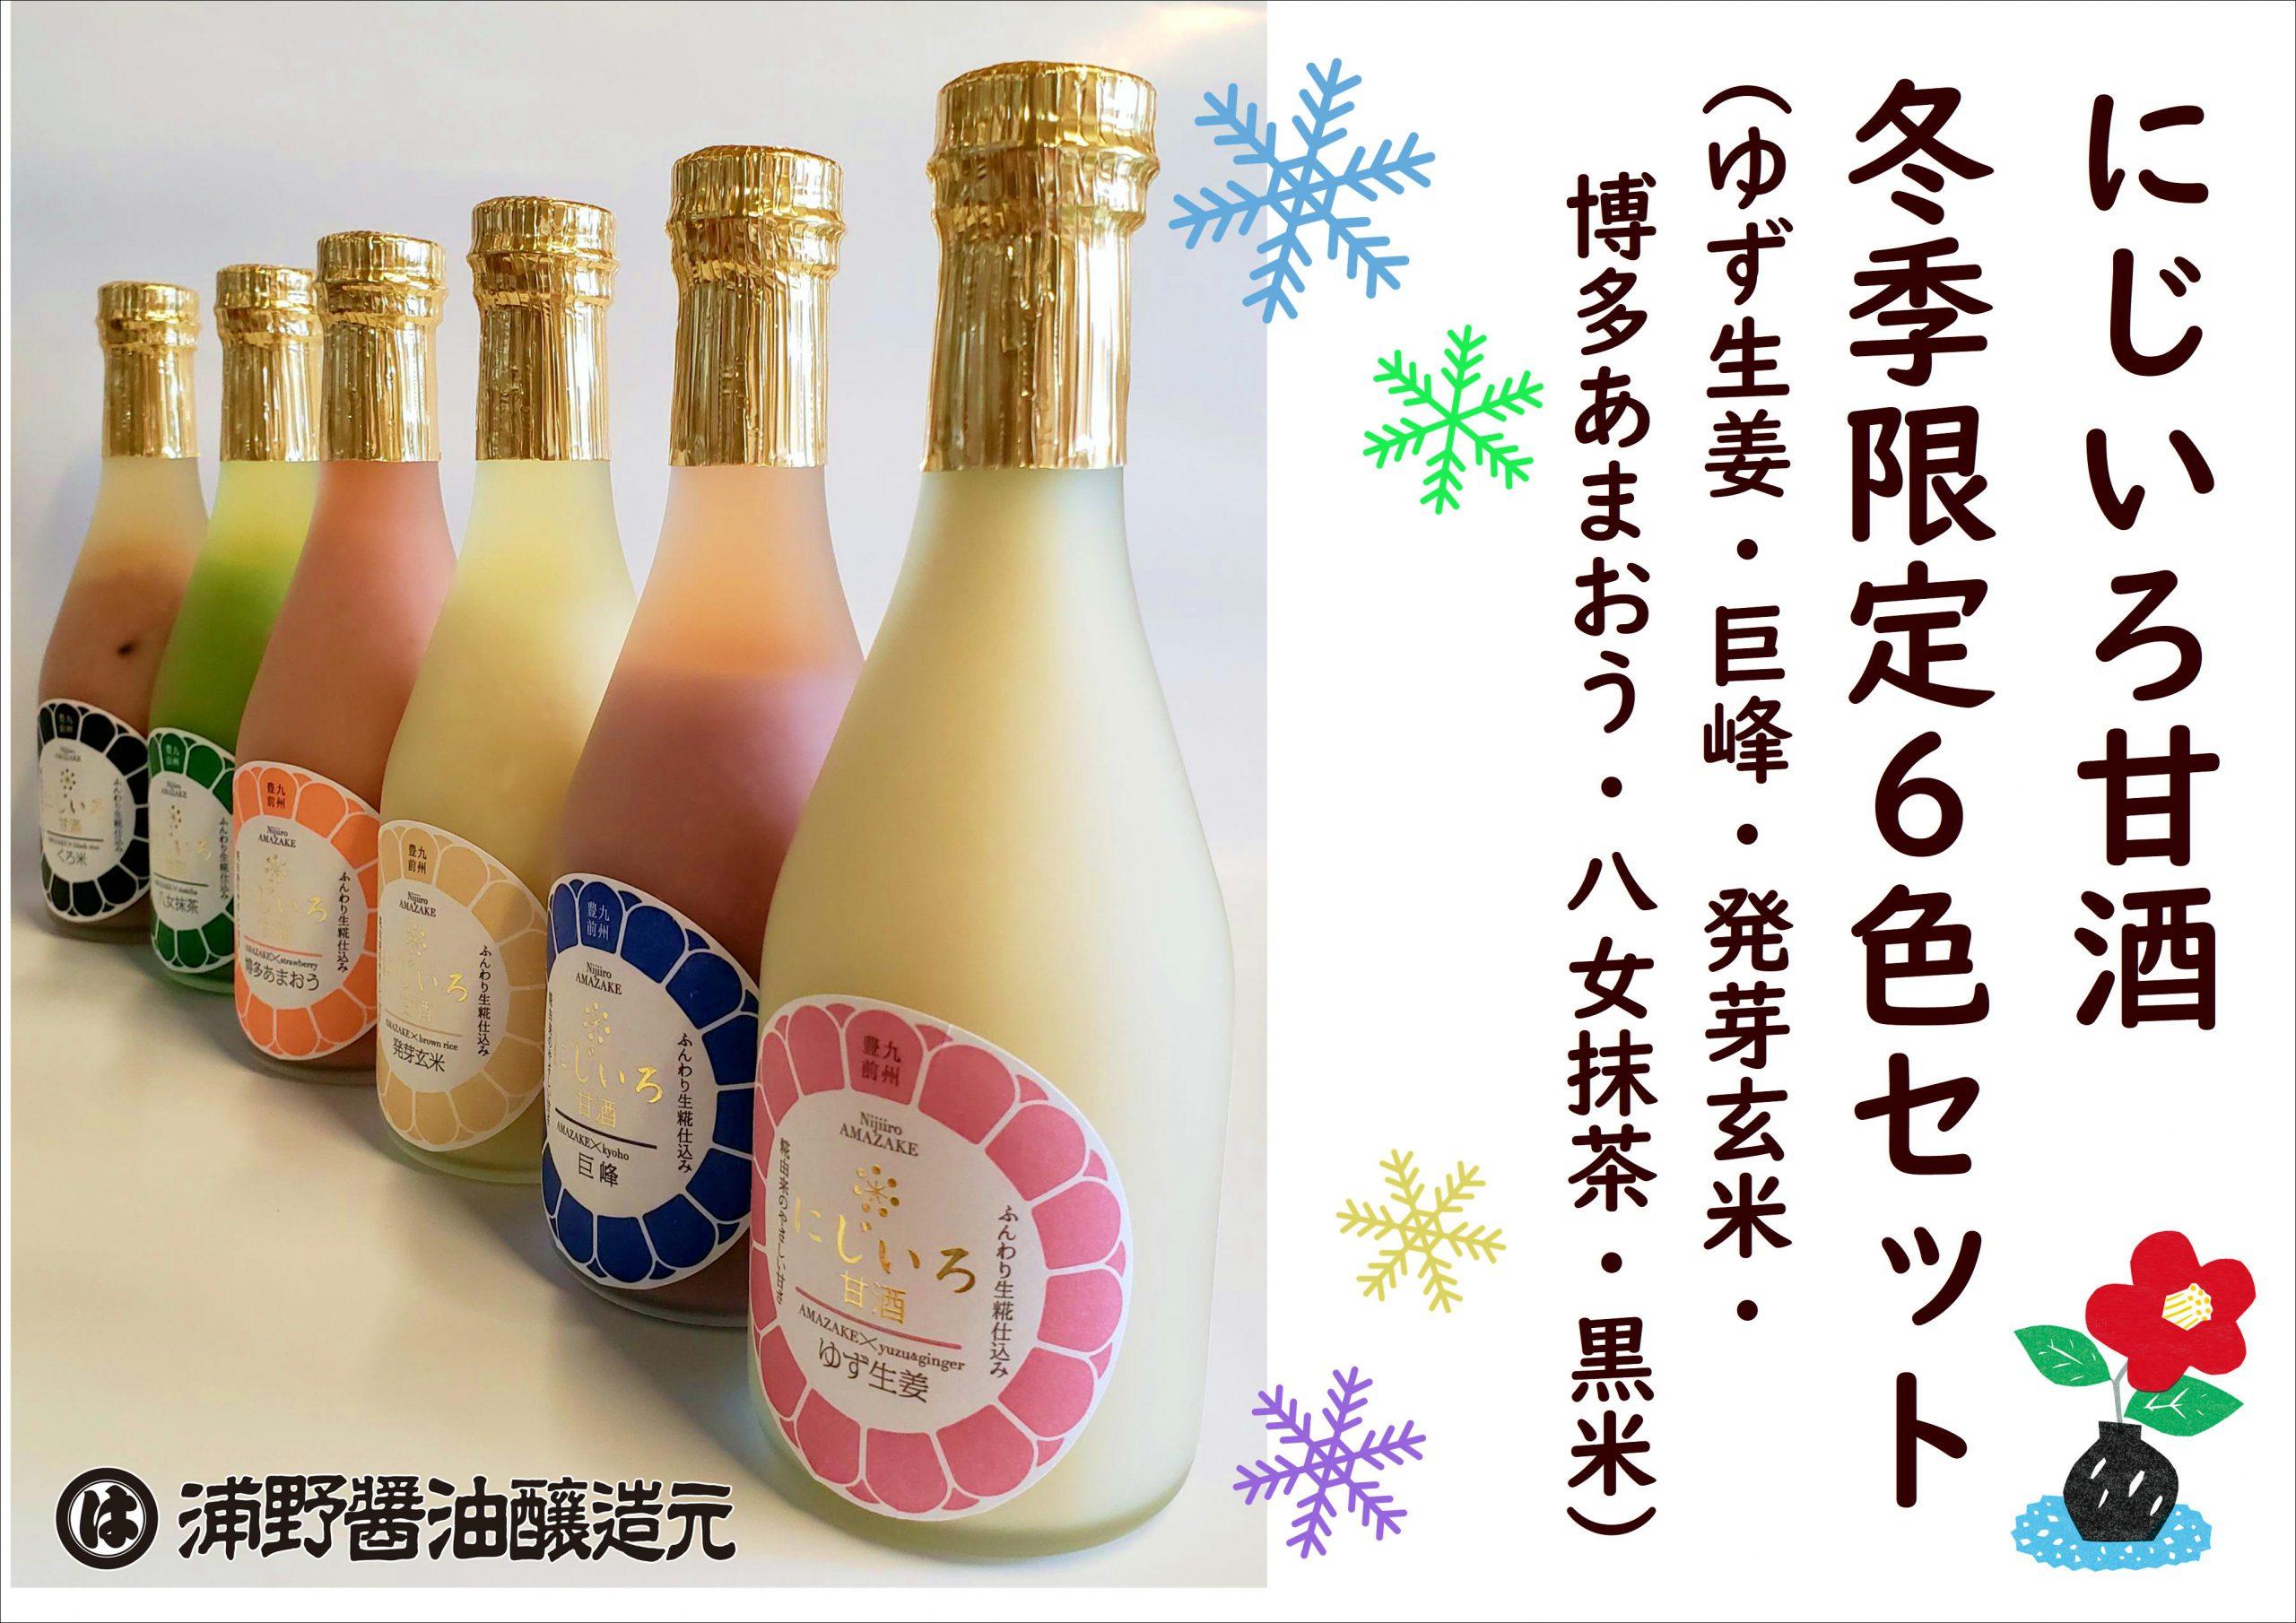 にじいろ甘酒季節の6色セット(ゆず生姜、巨峰、発芽玄米、博多あまおう、八女抹茶、黒米)